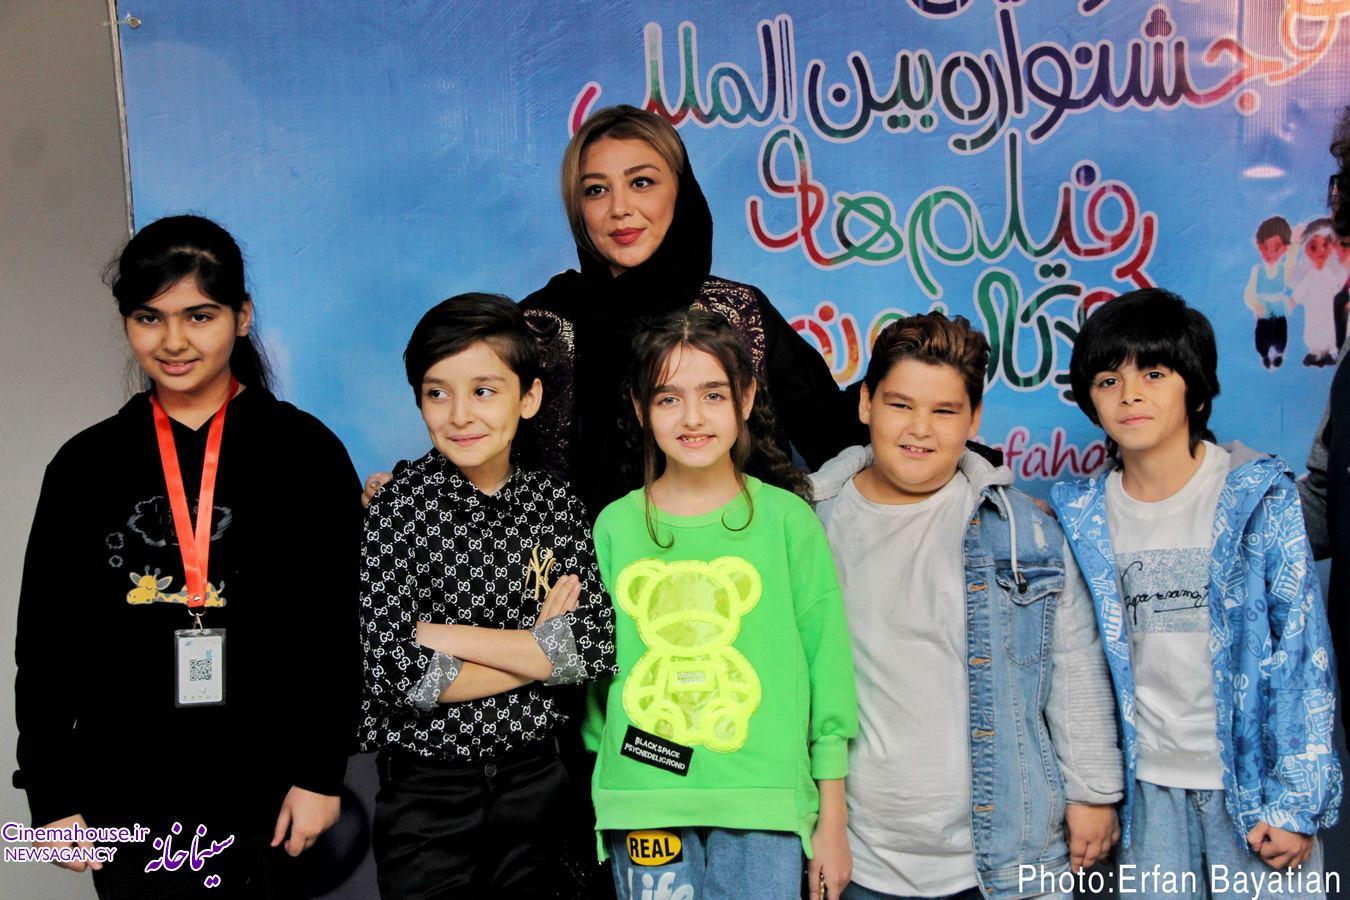 گزارش تصویری سومین روز از سی و چهارمین جشنواره فیلم های کودکان و نوجوانان